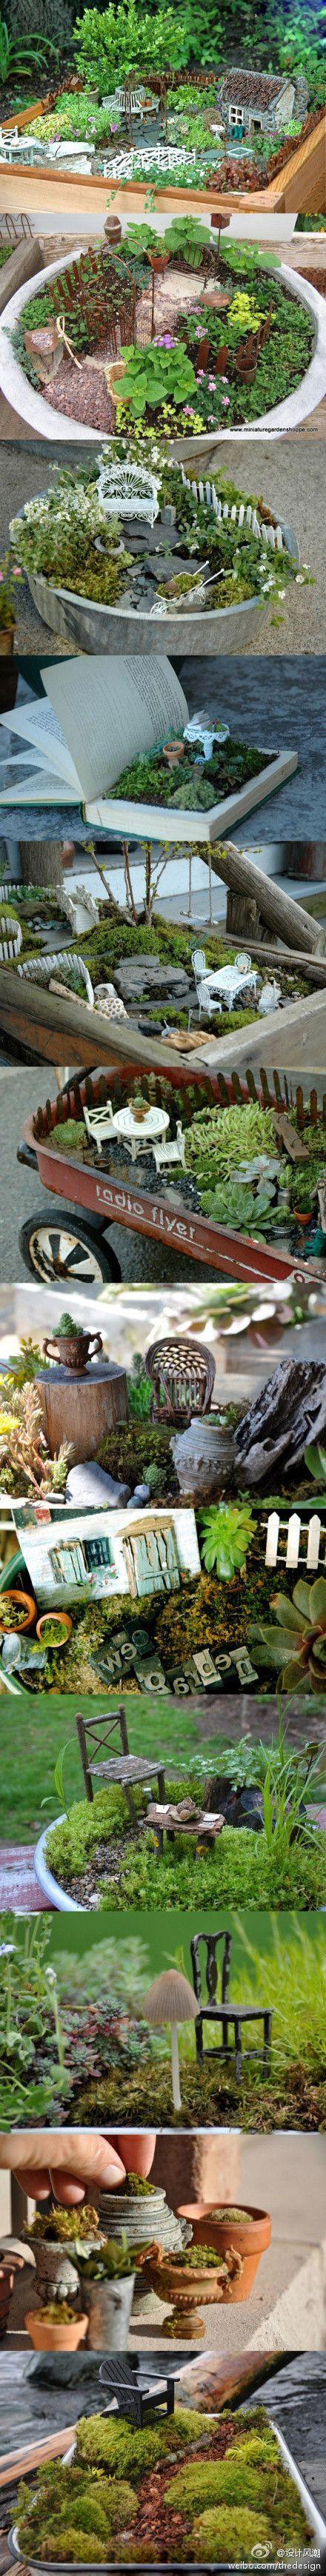 Miniature gardensGardens Ideas, Tiny Gardens, Little Gardens, Minis Gardens, Fairies Gardens, Fairies House, Miniature Garden, Mini Gardens, Miniatures Gardens